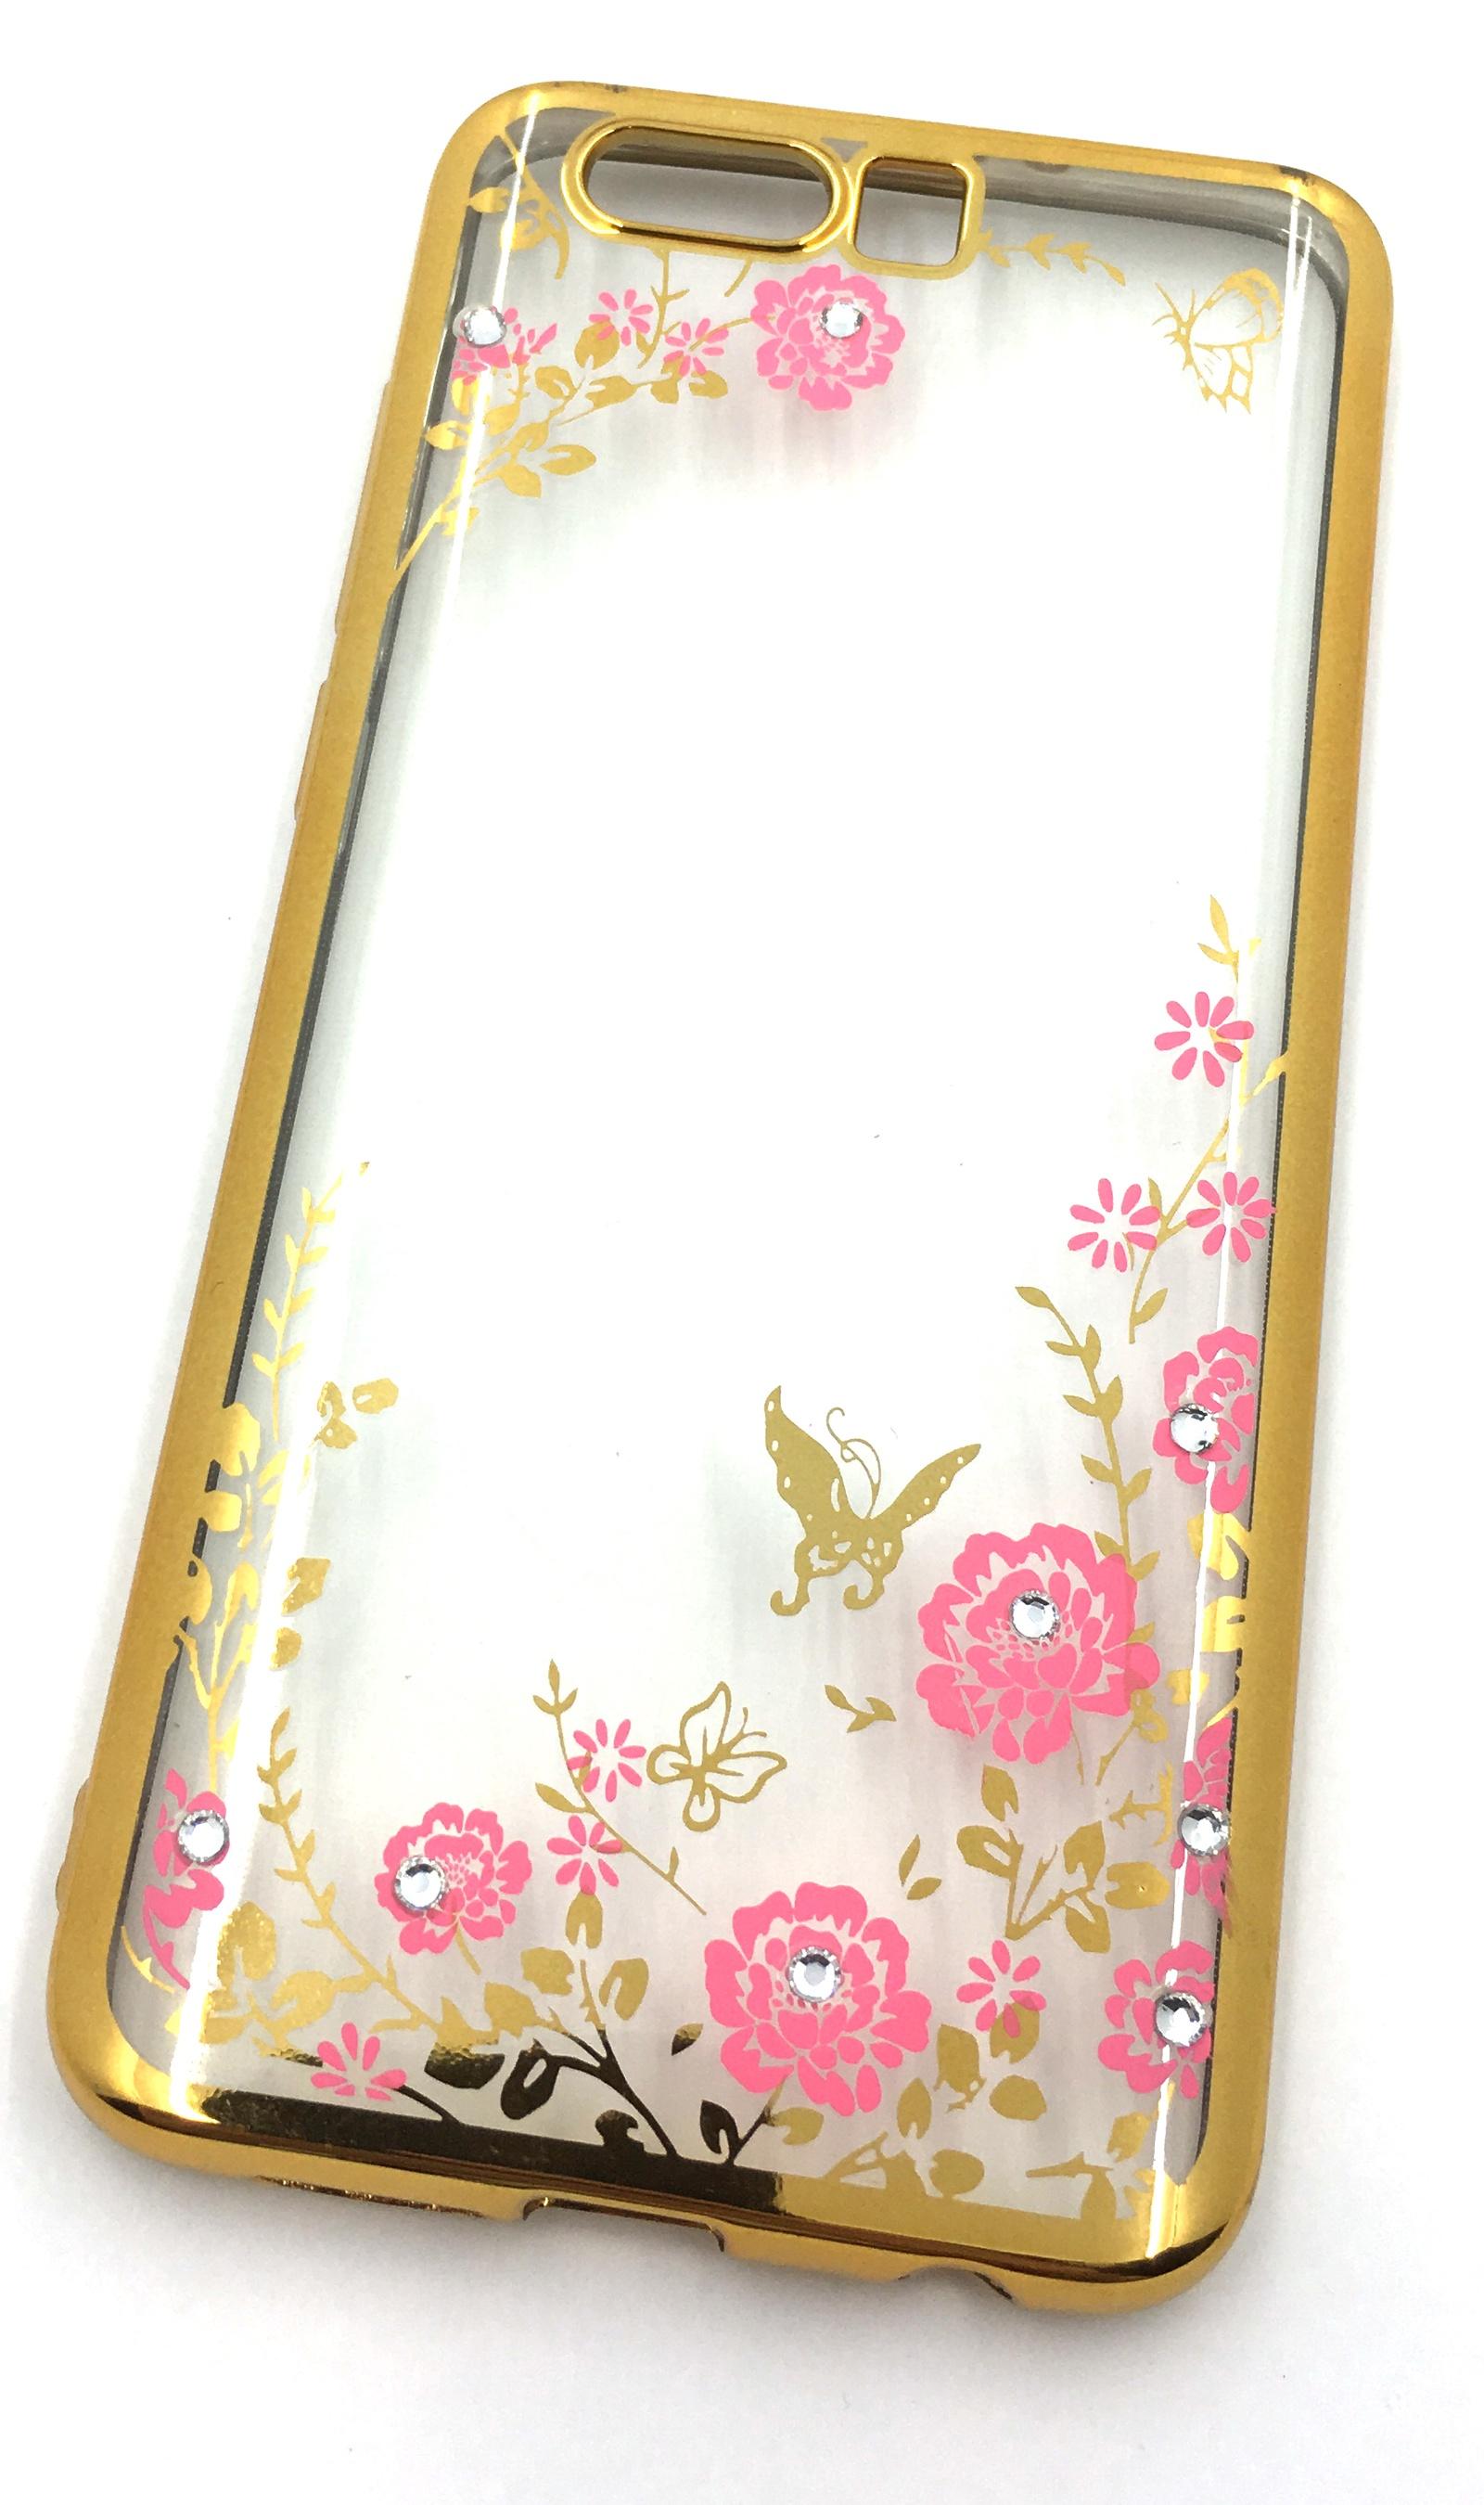 Чехол для сотового телефона Мобильная мода Huawei Honor 9 Силиконовая, прозрачная накладка со стразами, 6 984G, золотой чехол для сотового телефона мобильная мода meizu pro 6 силиконовая прозрачная накладка со стразами 6371g золотой